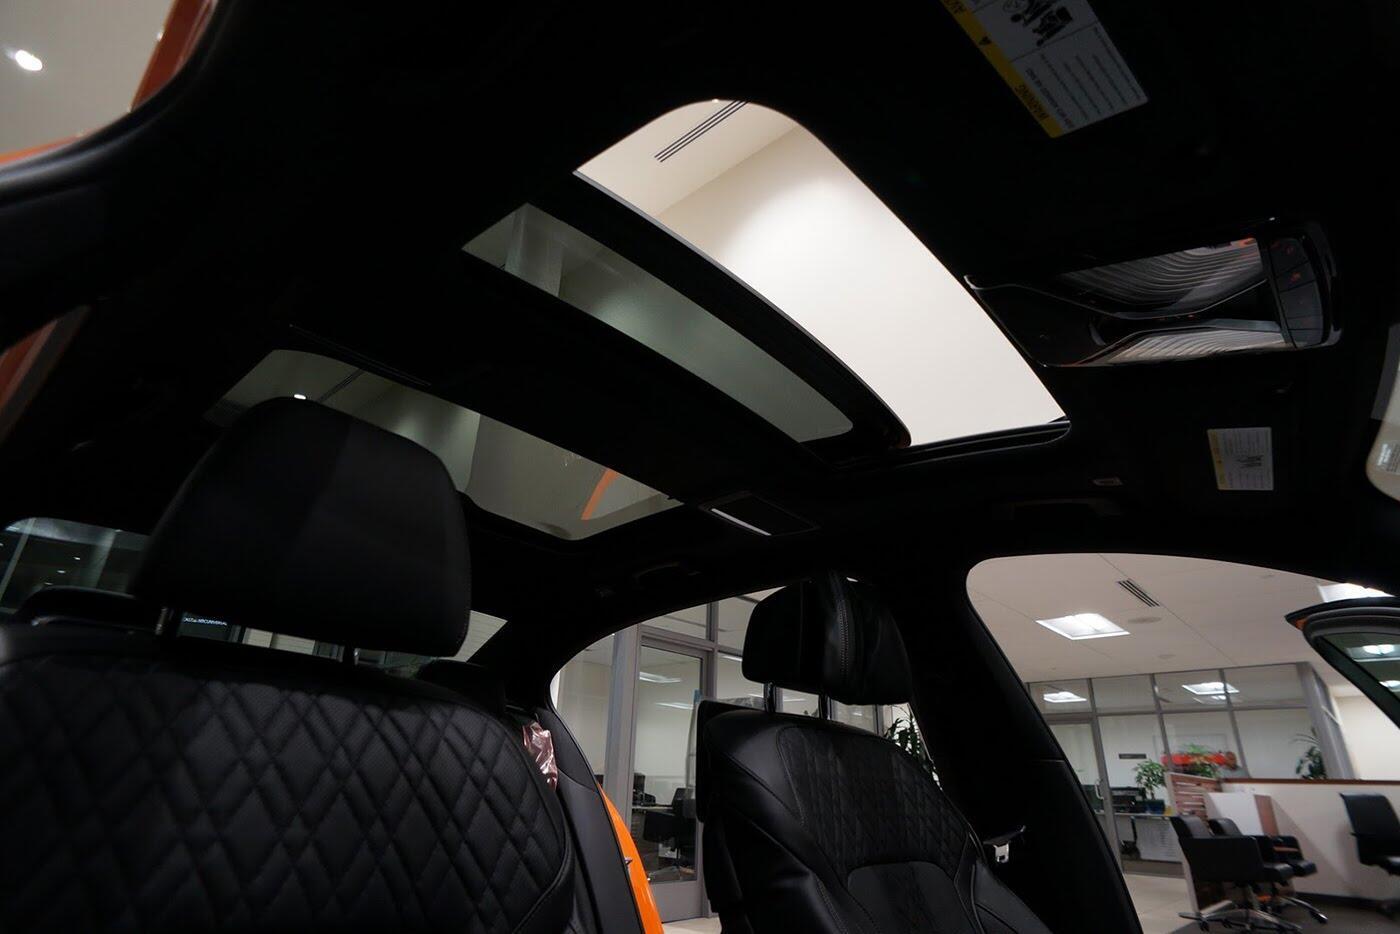 Cận cảnh BMW 750i 2017 phiên bản đặc biệt Fire Orange - Hình 9